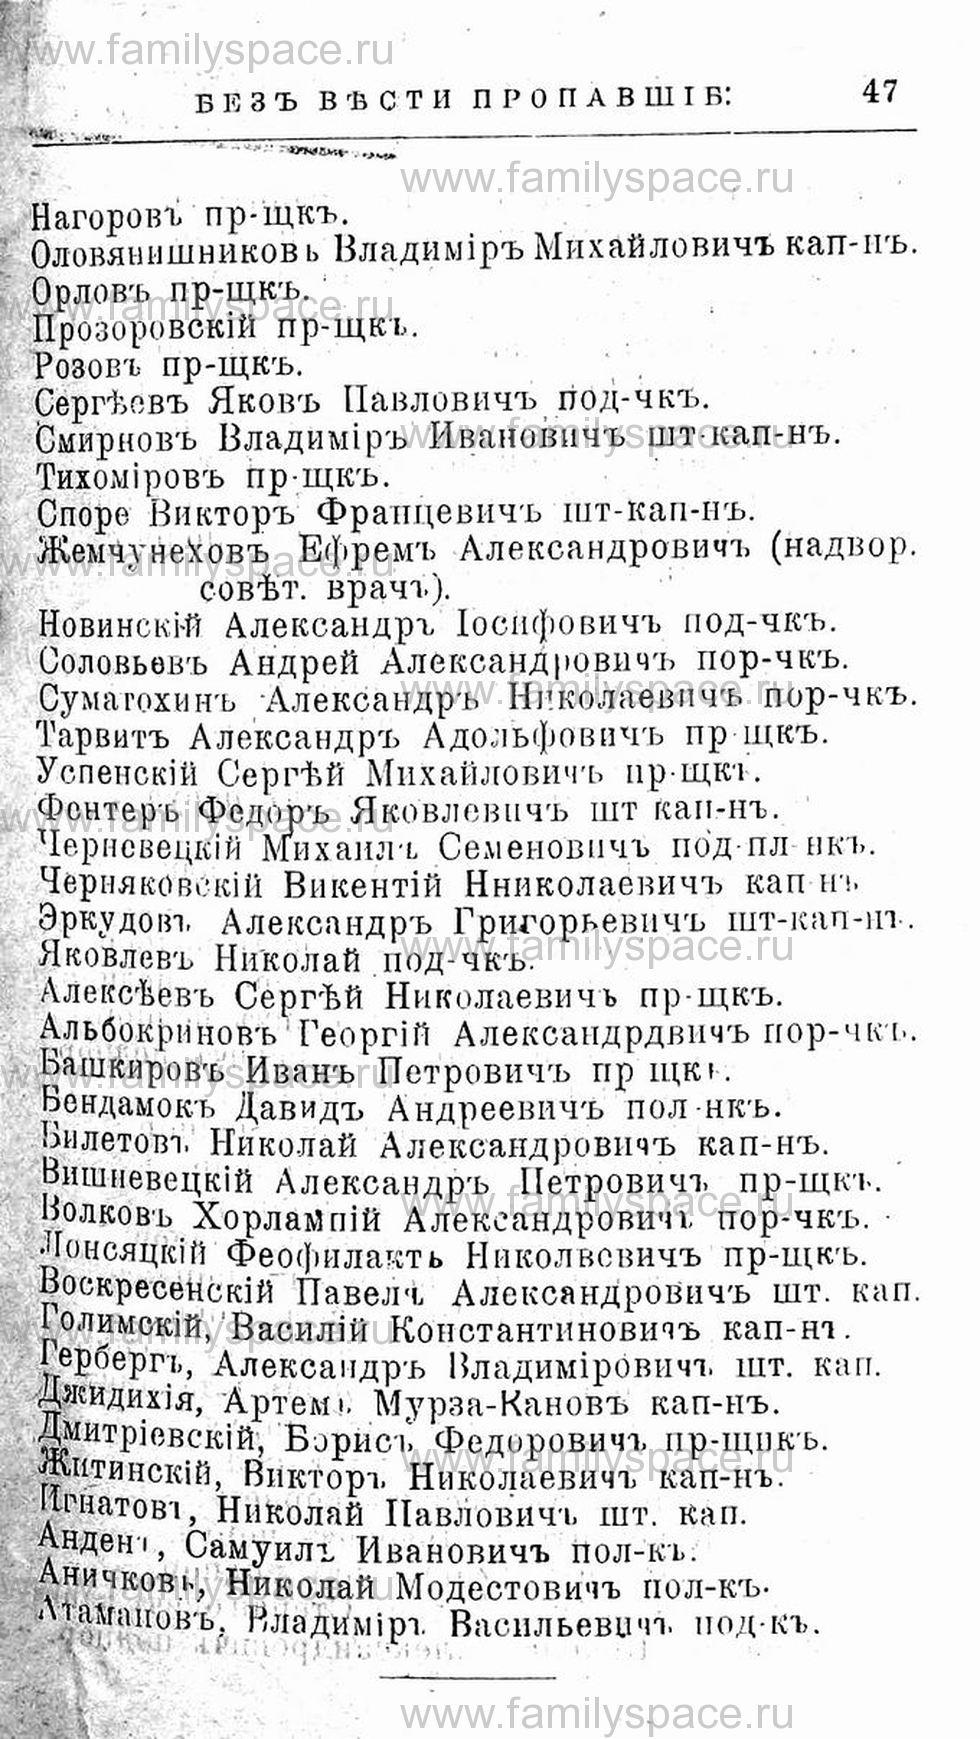 Поиск по фамилии - Первая мировая война - 1914 (списки убитых и раненых), страница 47